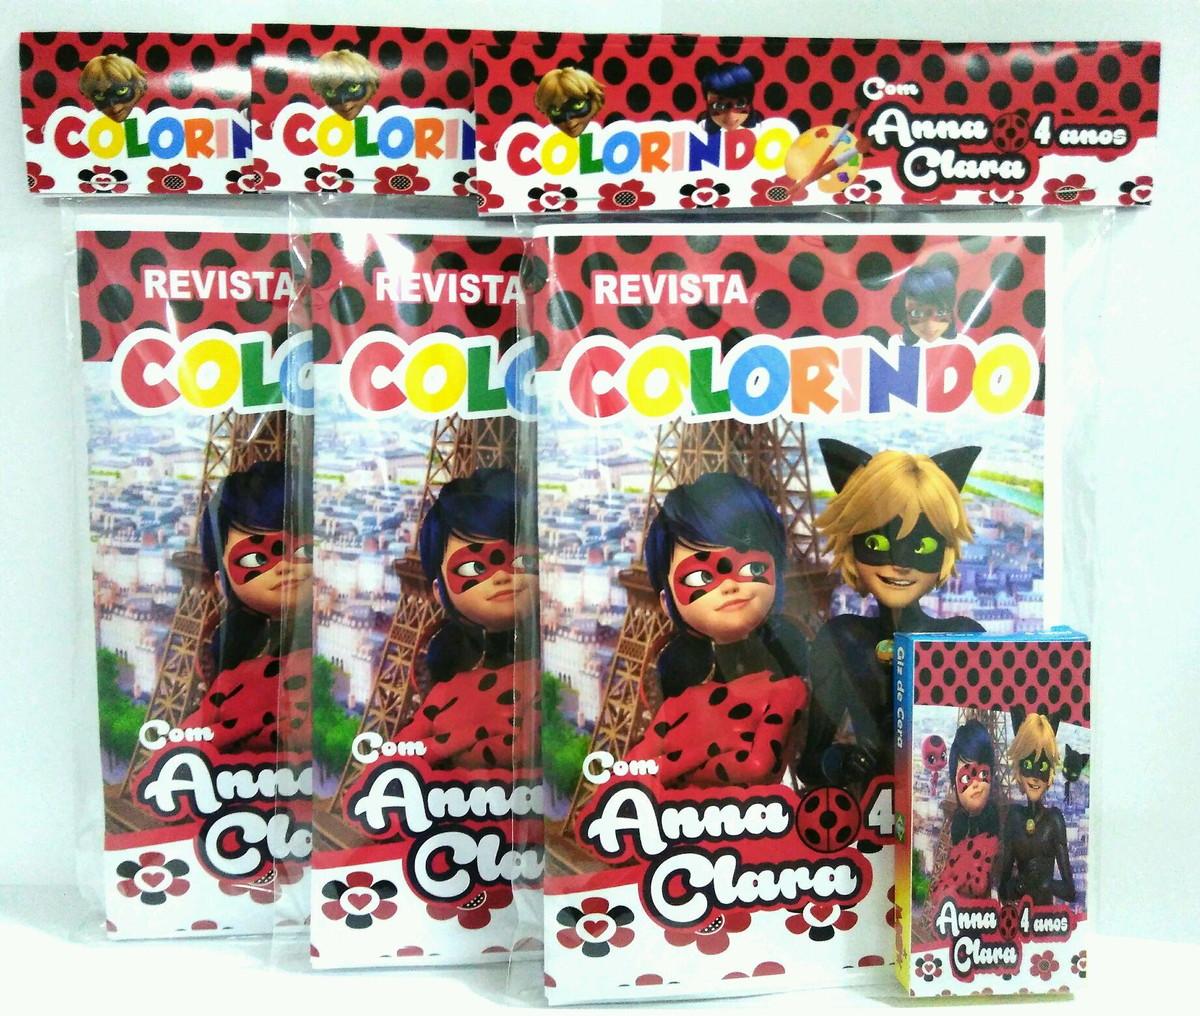 Livro De Colorir Lady Bug No Elo7 Atelie Da Babi Personalizados